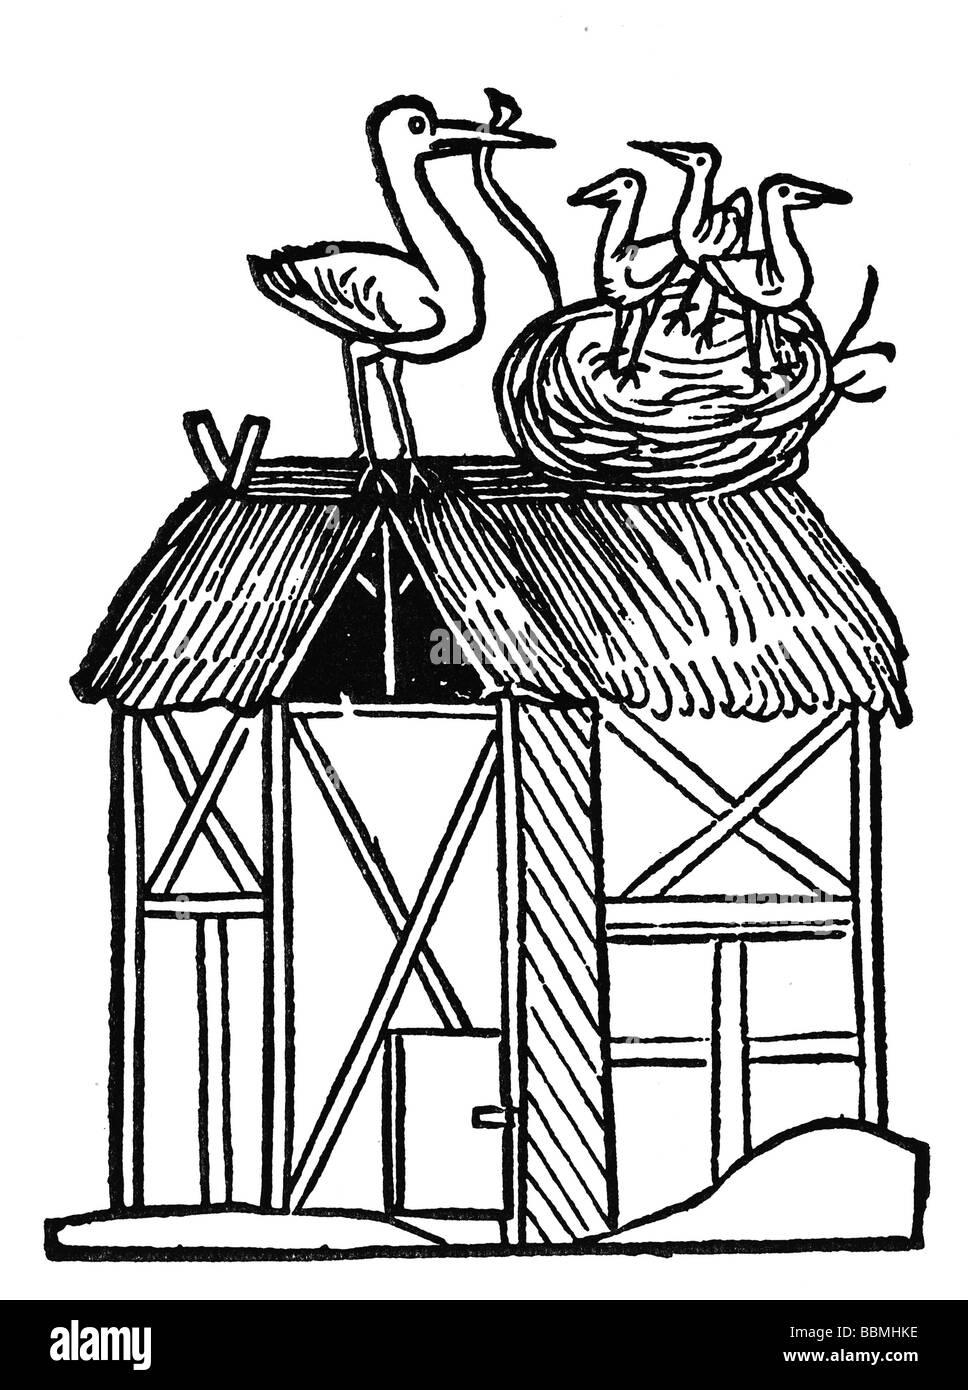 Storch füttert seine jungen mit einer Schlange, Holzschnitzereien aus dem Mittelalter Stockbild